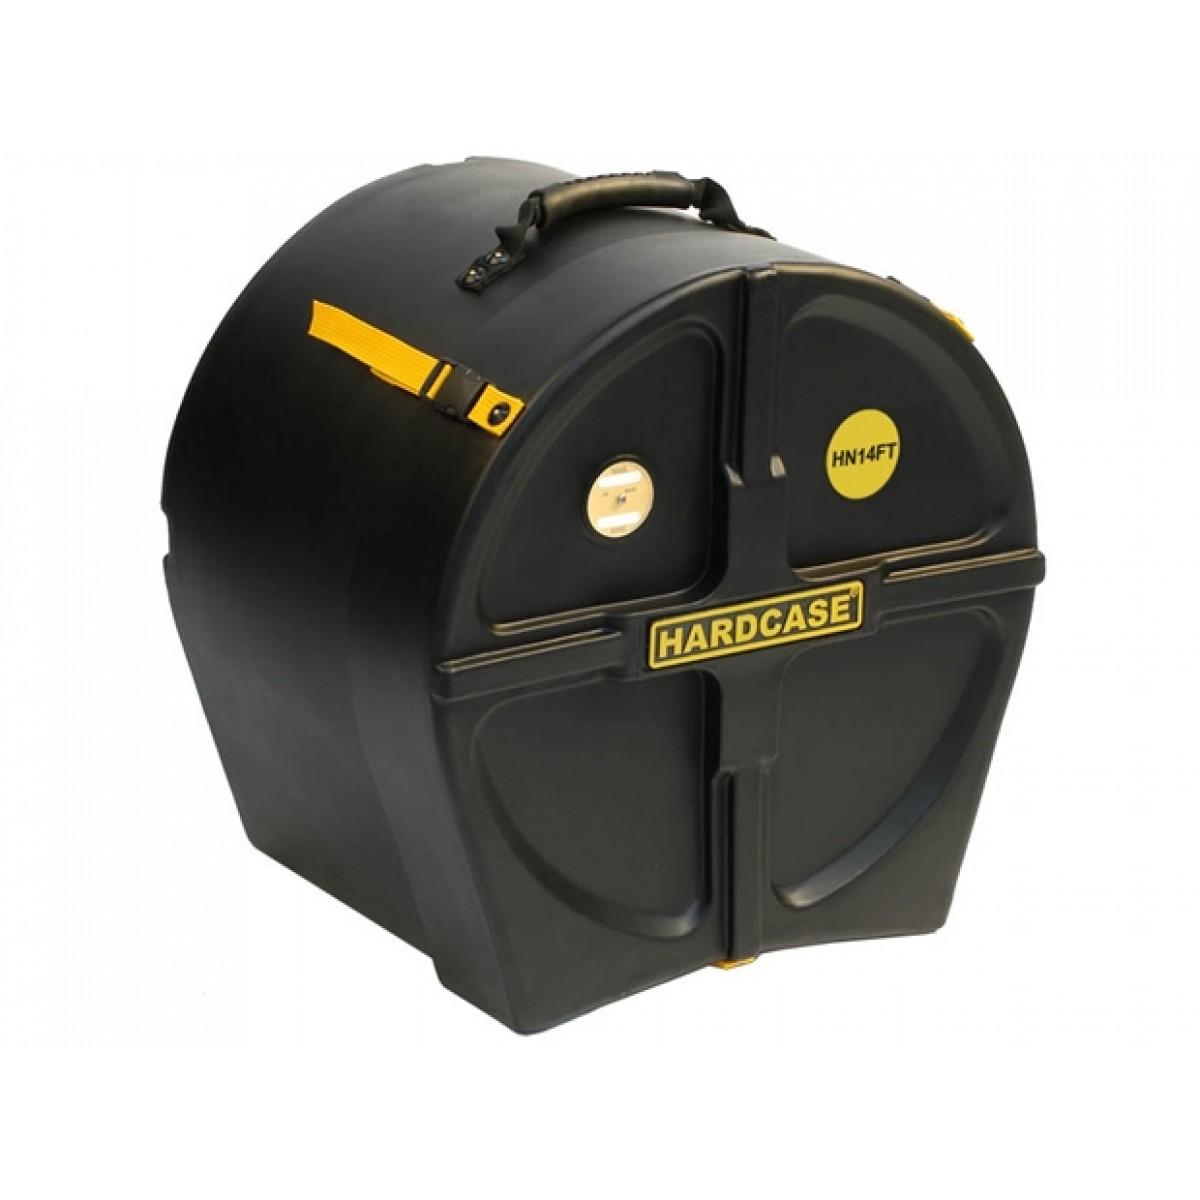 Hardcase standard black 14 floor tom case for 14 inch floor tom